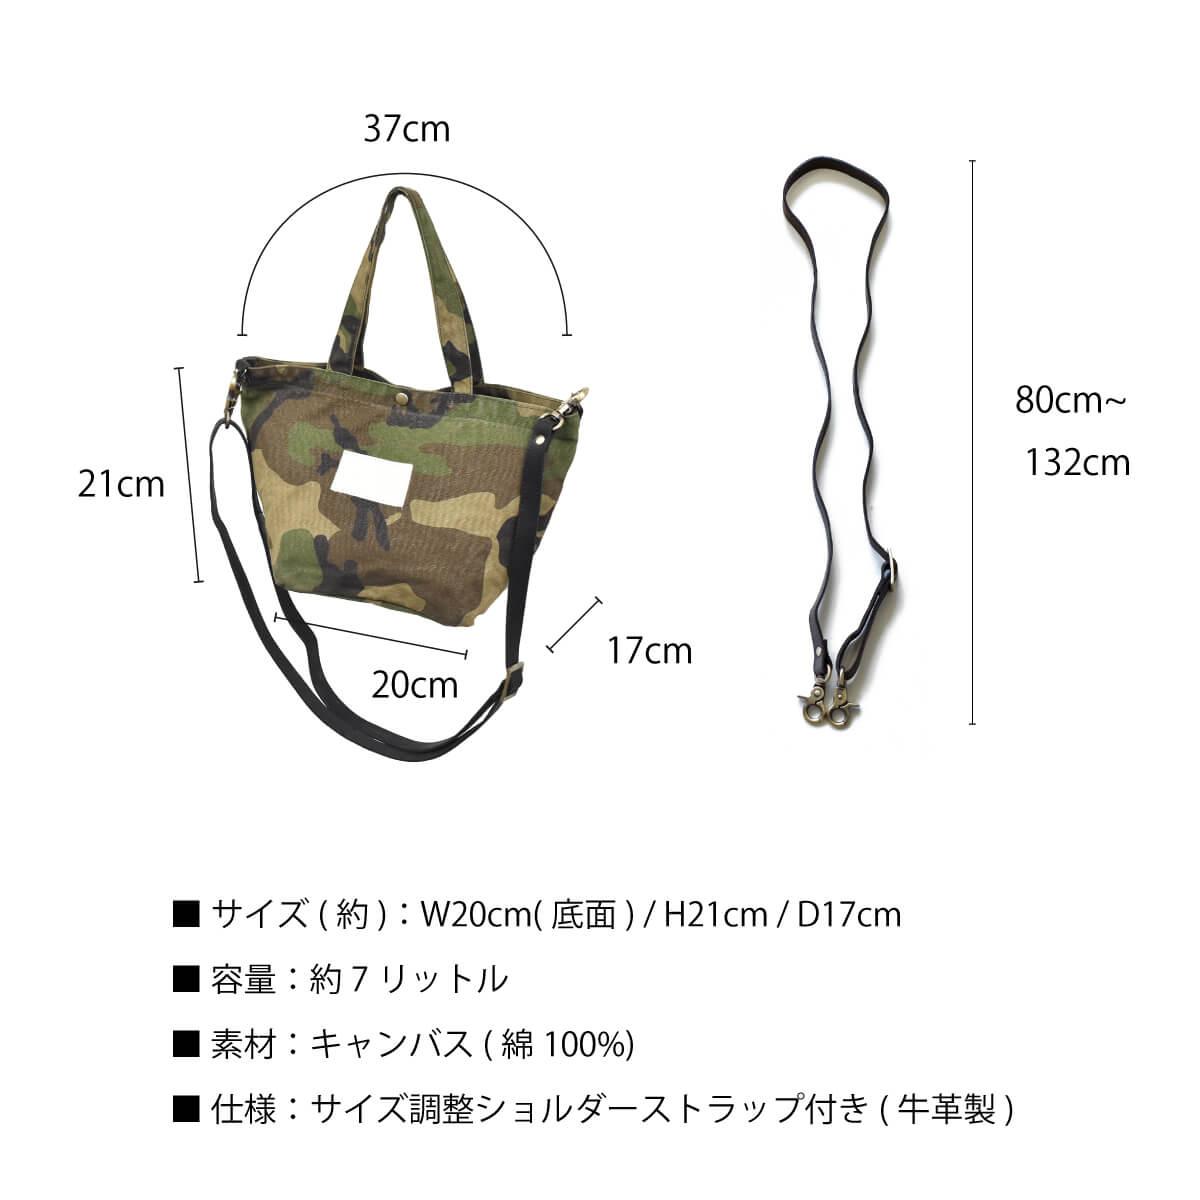 ユニセックス キャンバスミニバッグ ショルダーバッグ【325】